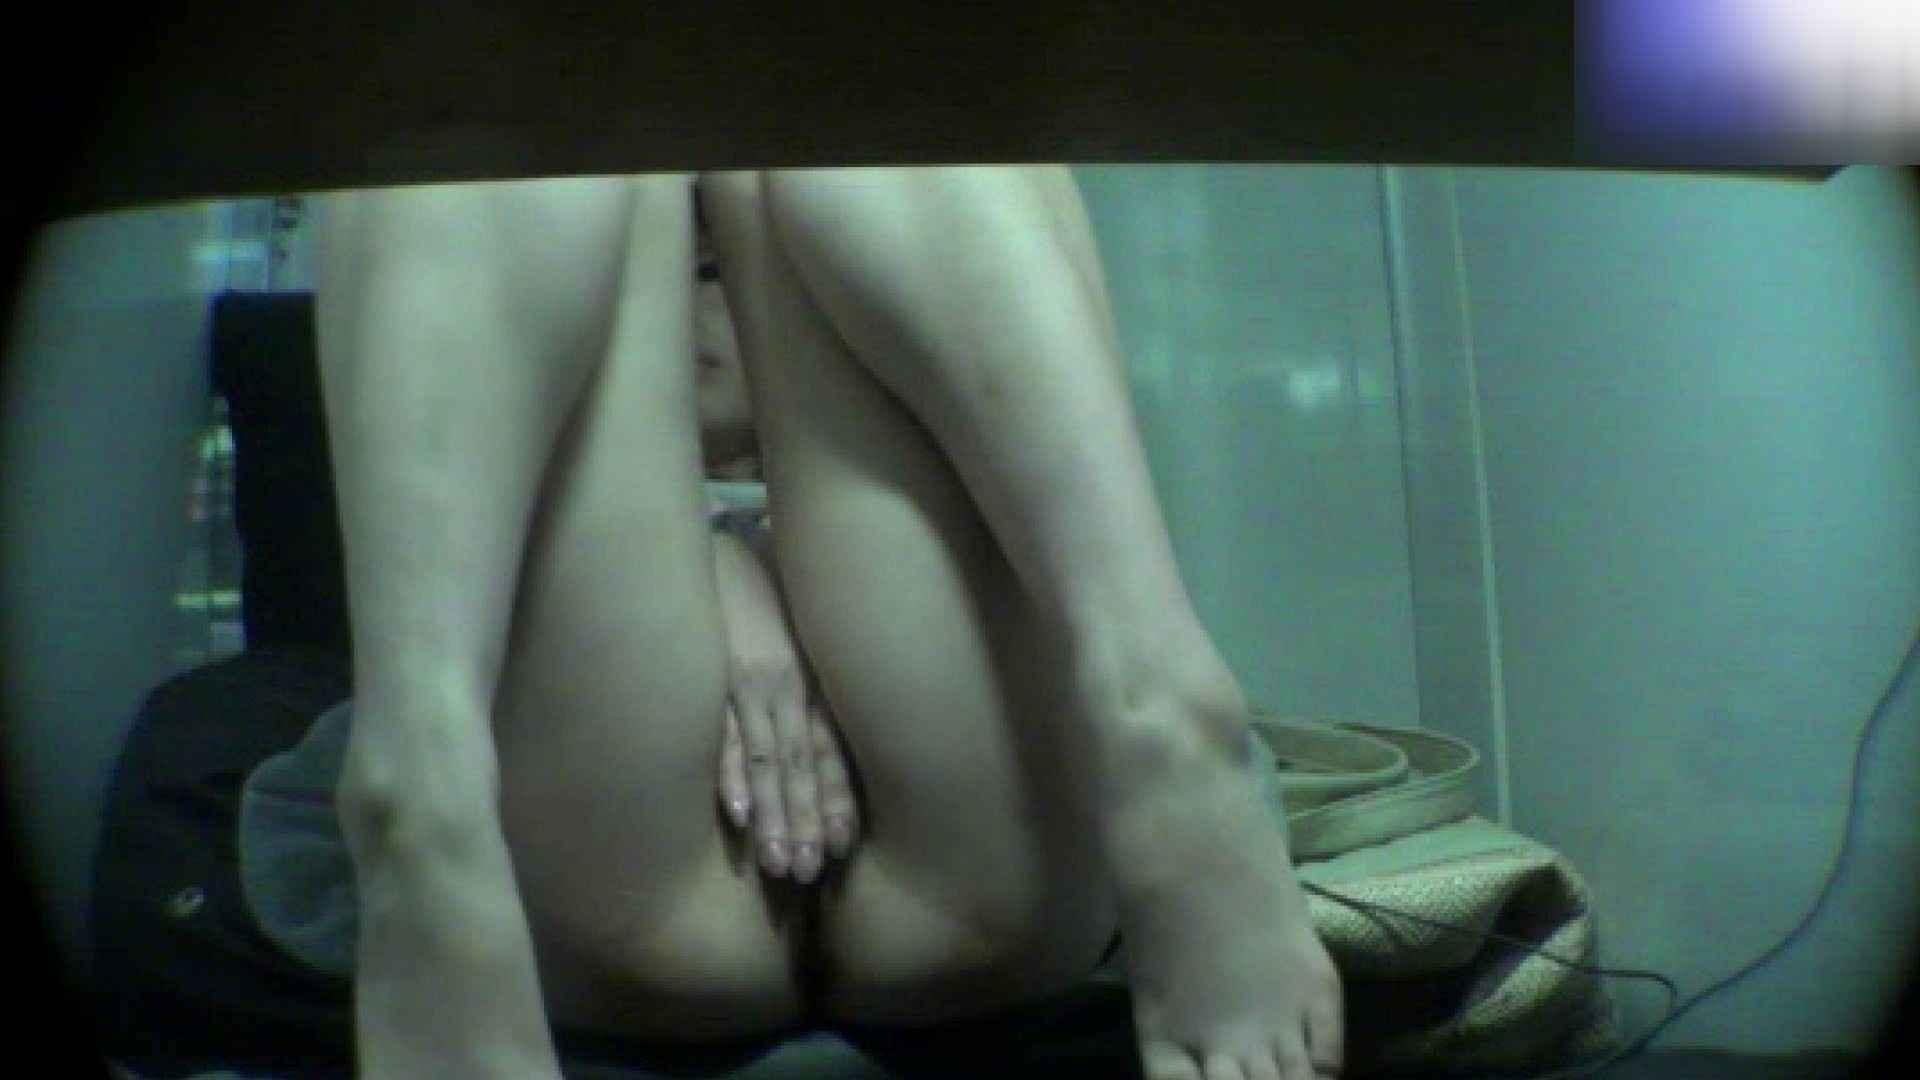 変態オナニー劇場 Vol.24 オナニー特別編 アダルト動画キャプチャ 112枚 89